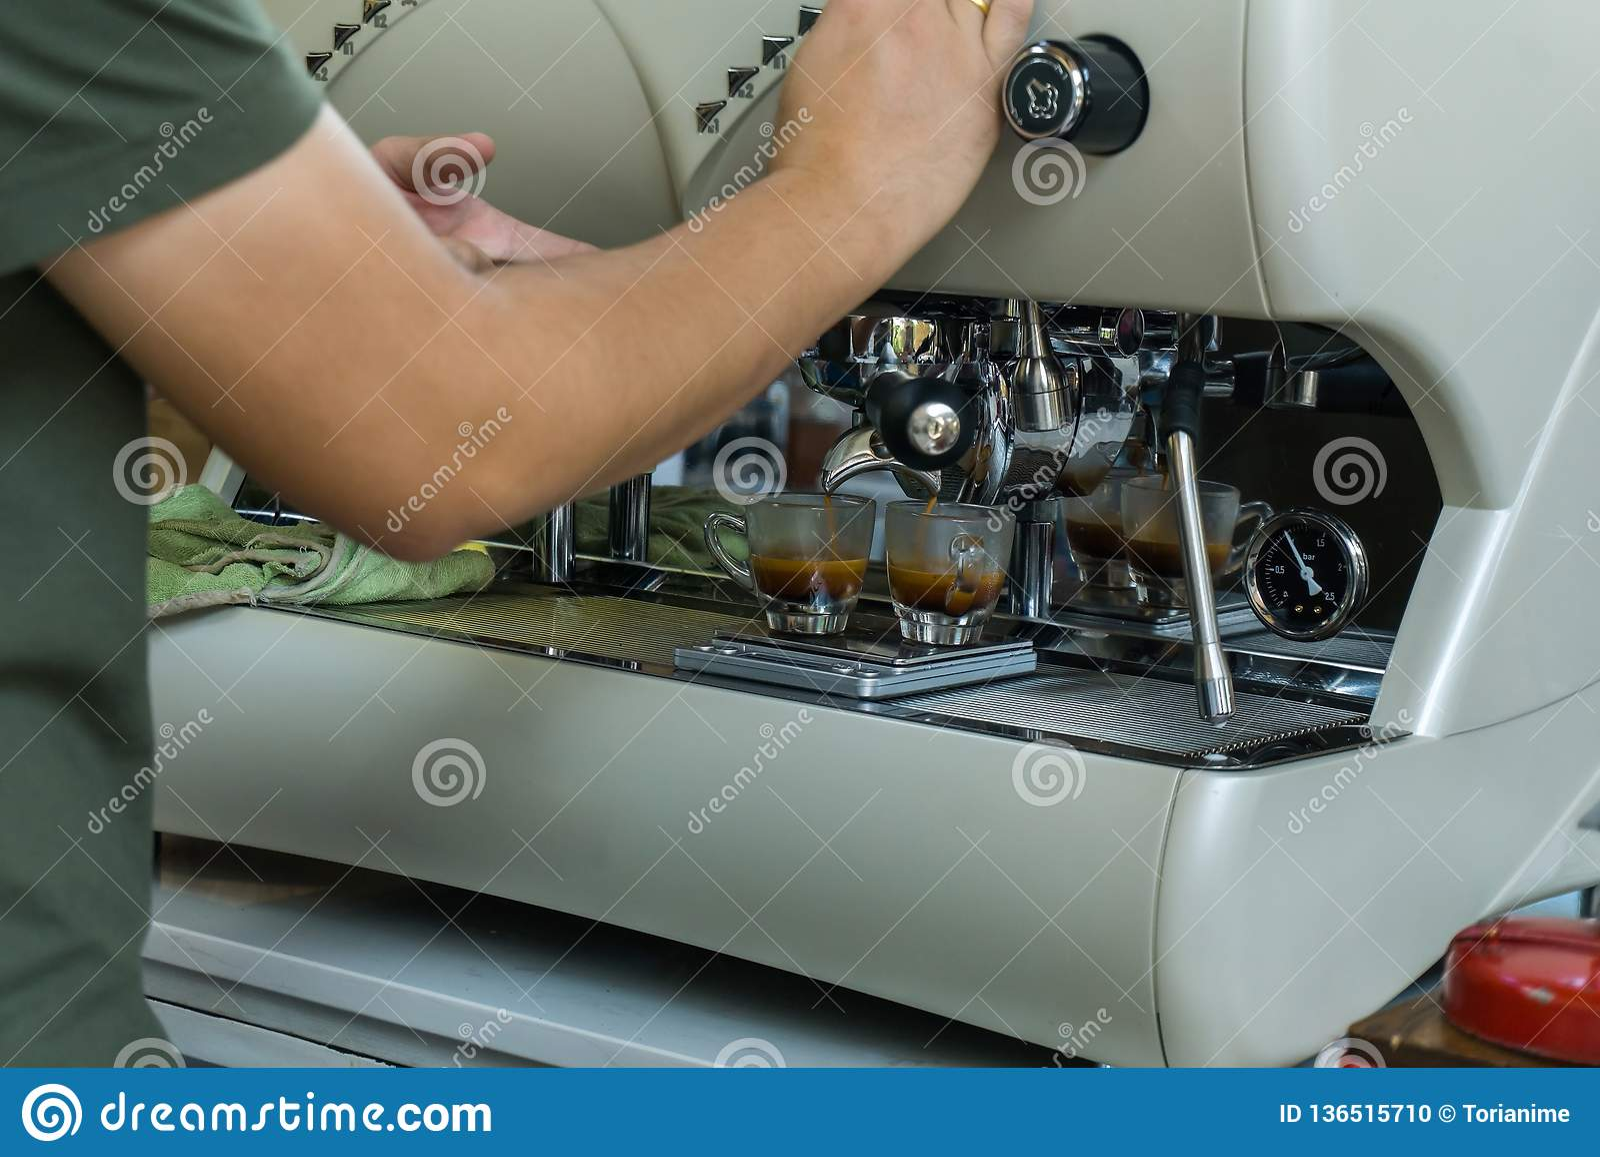 Barista making espresso coffee by espresso machine preparation service customer